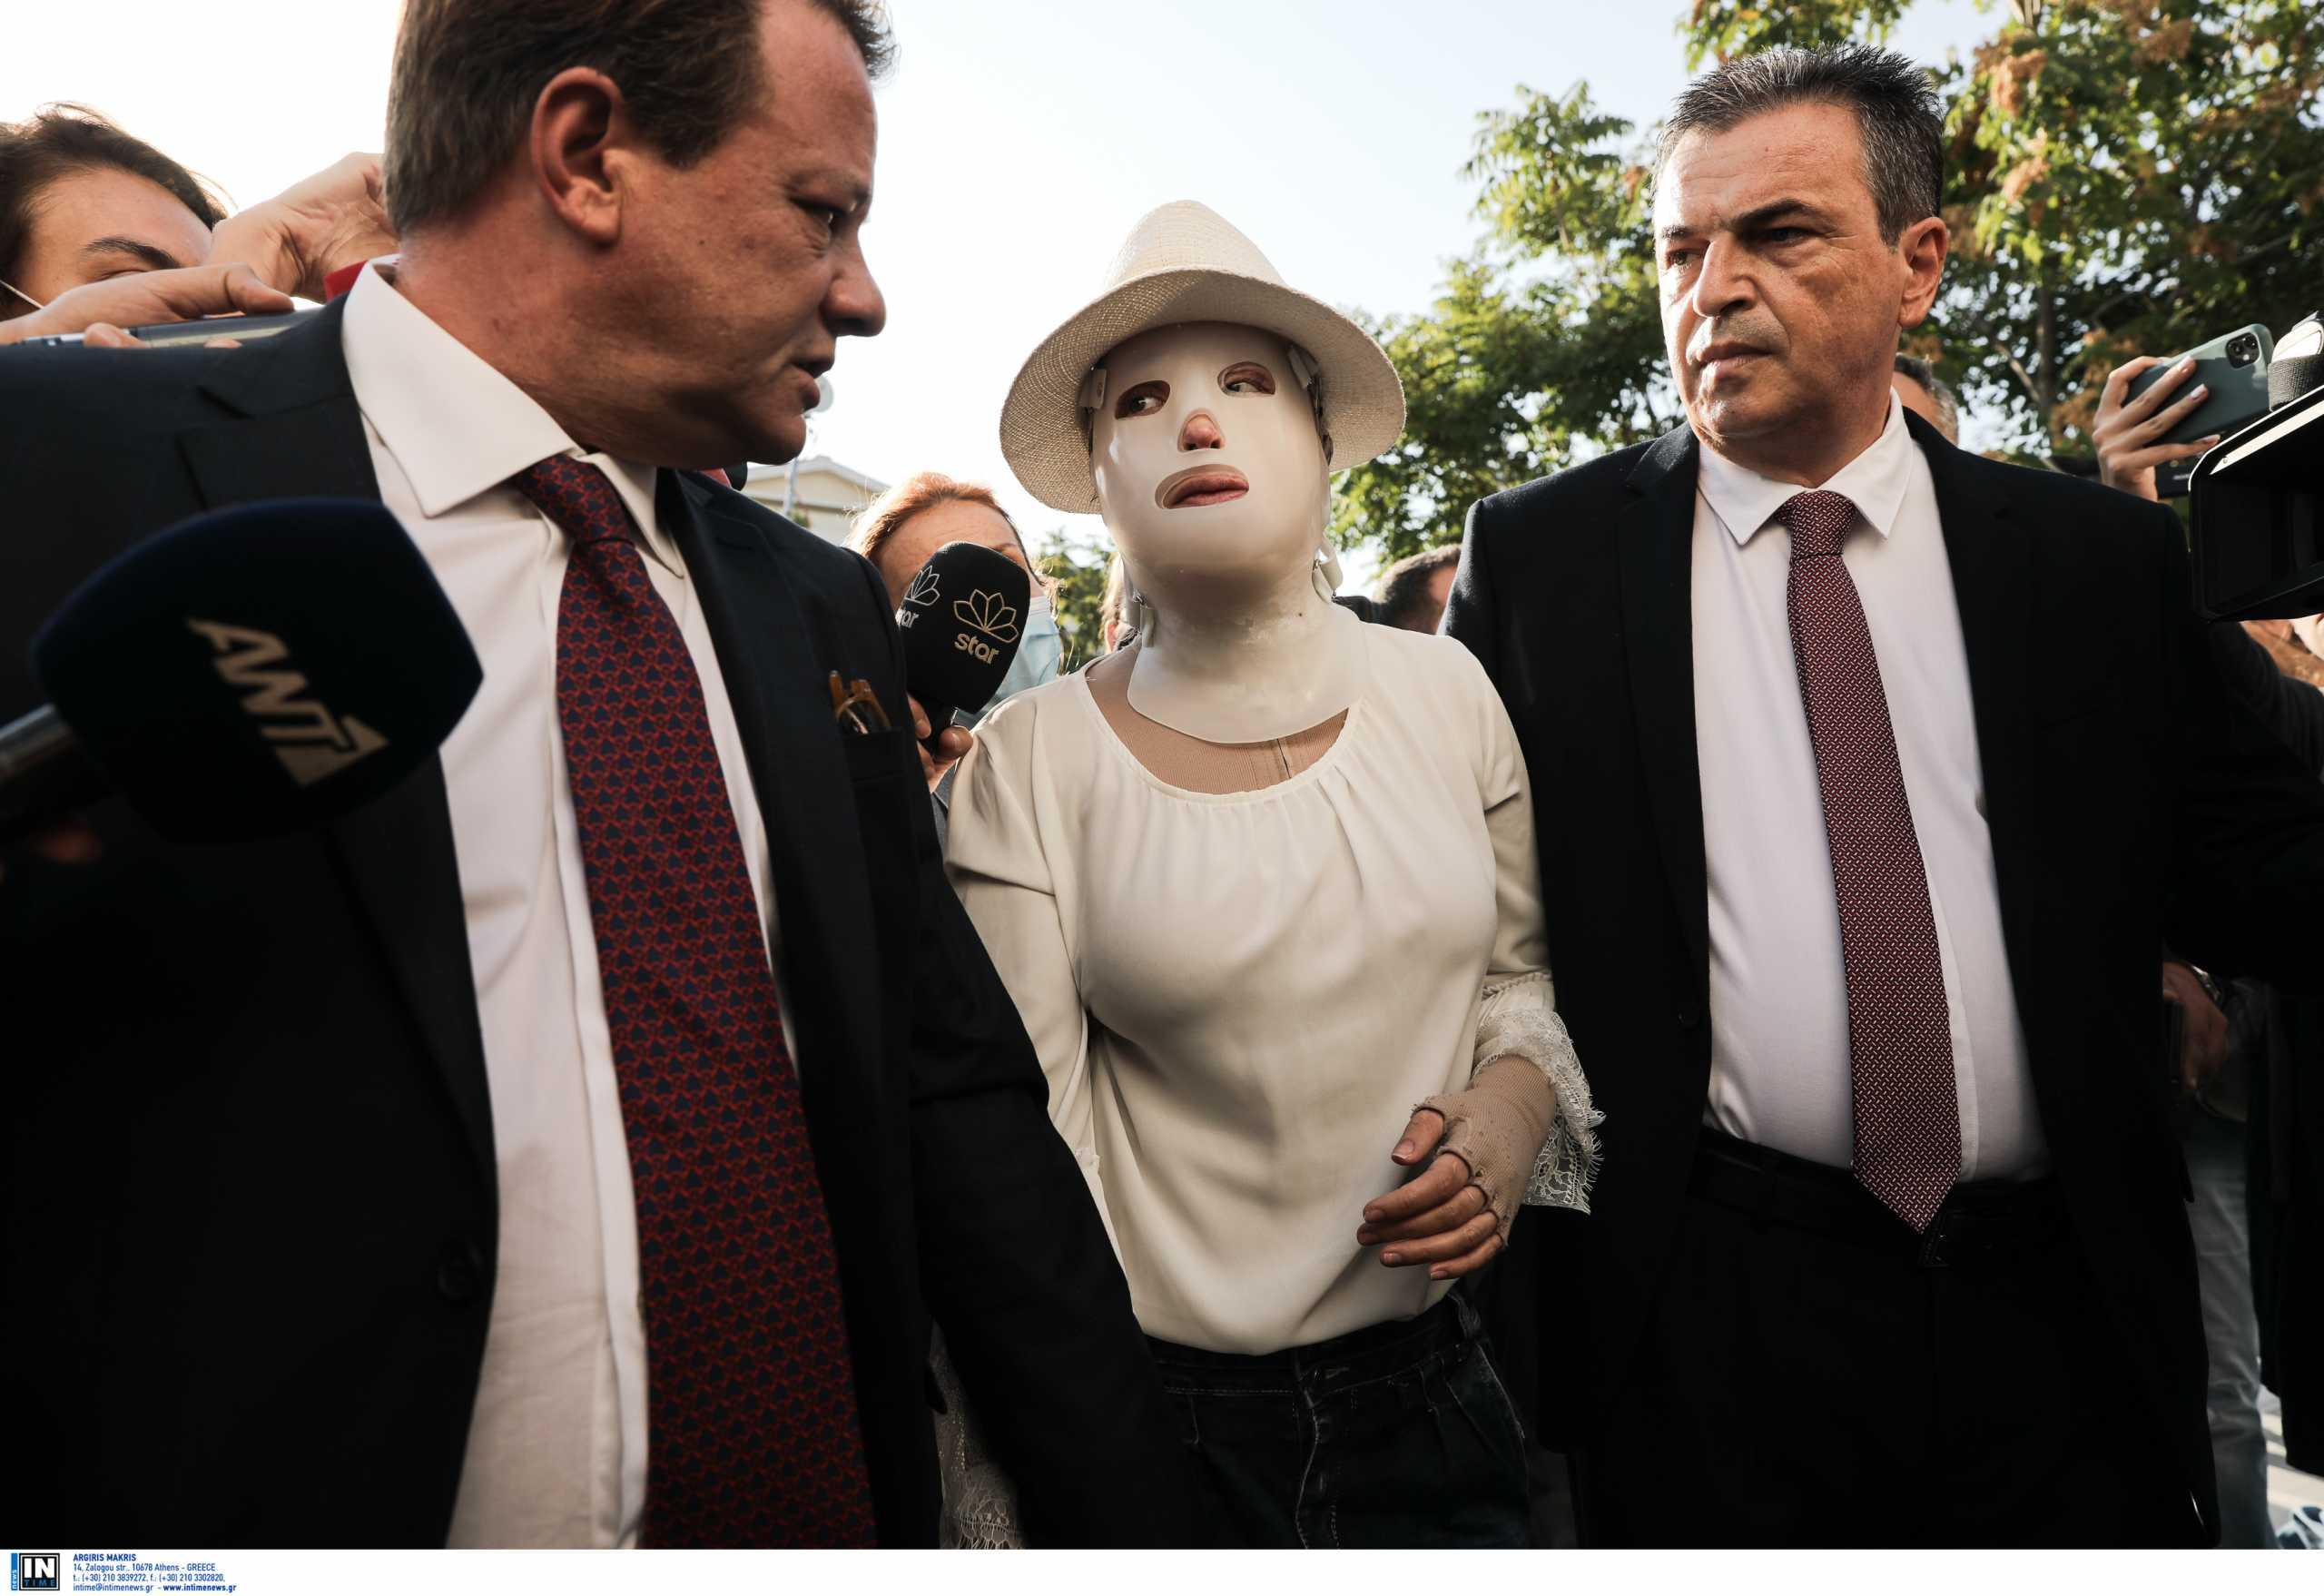 Επίθεση με βιτριόλι: Η ψυχρή δήλωση της κατηγορουμένης για την απουσία της και το μεγαλείο ψυχής της Ιωάννας